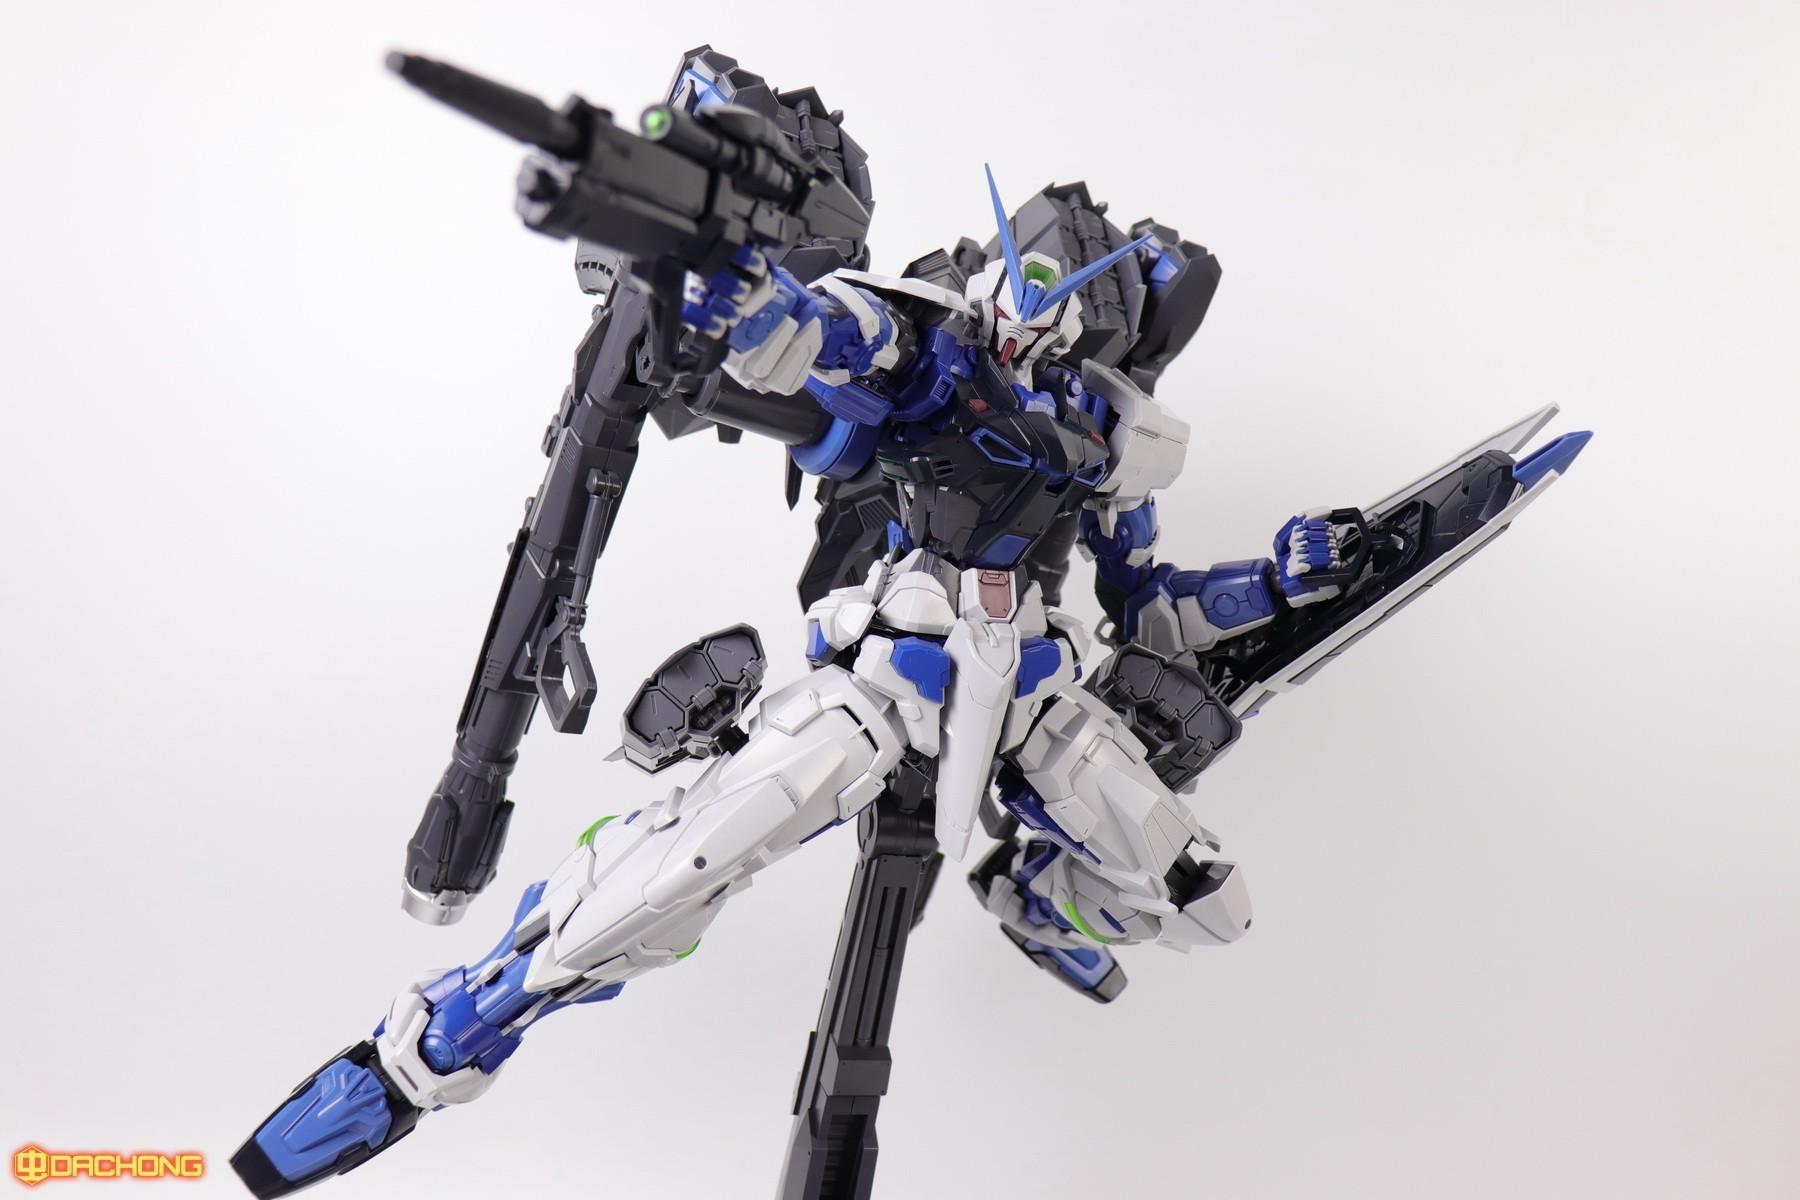 S306_blue_frame_astray_60_084.jpg